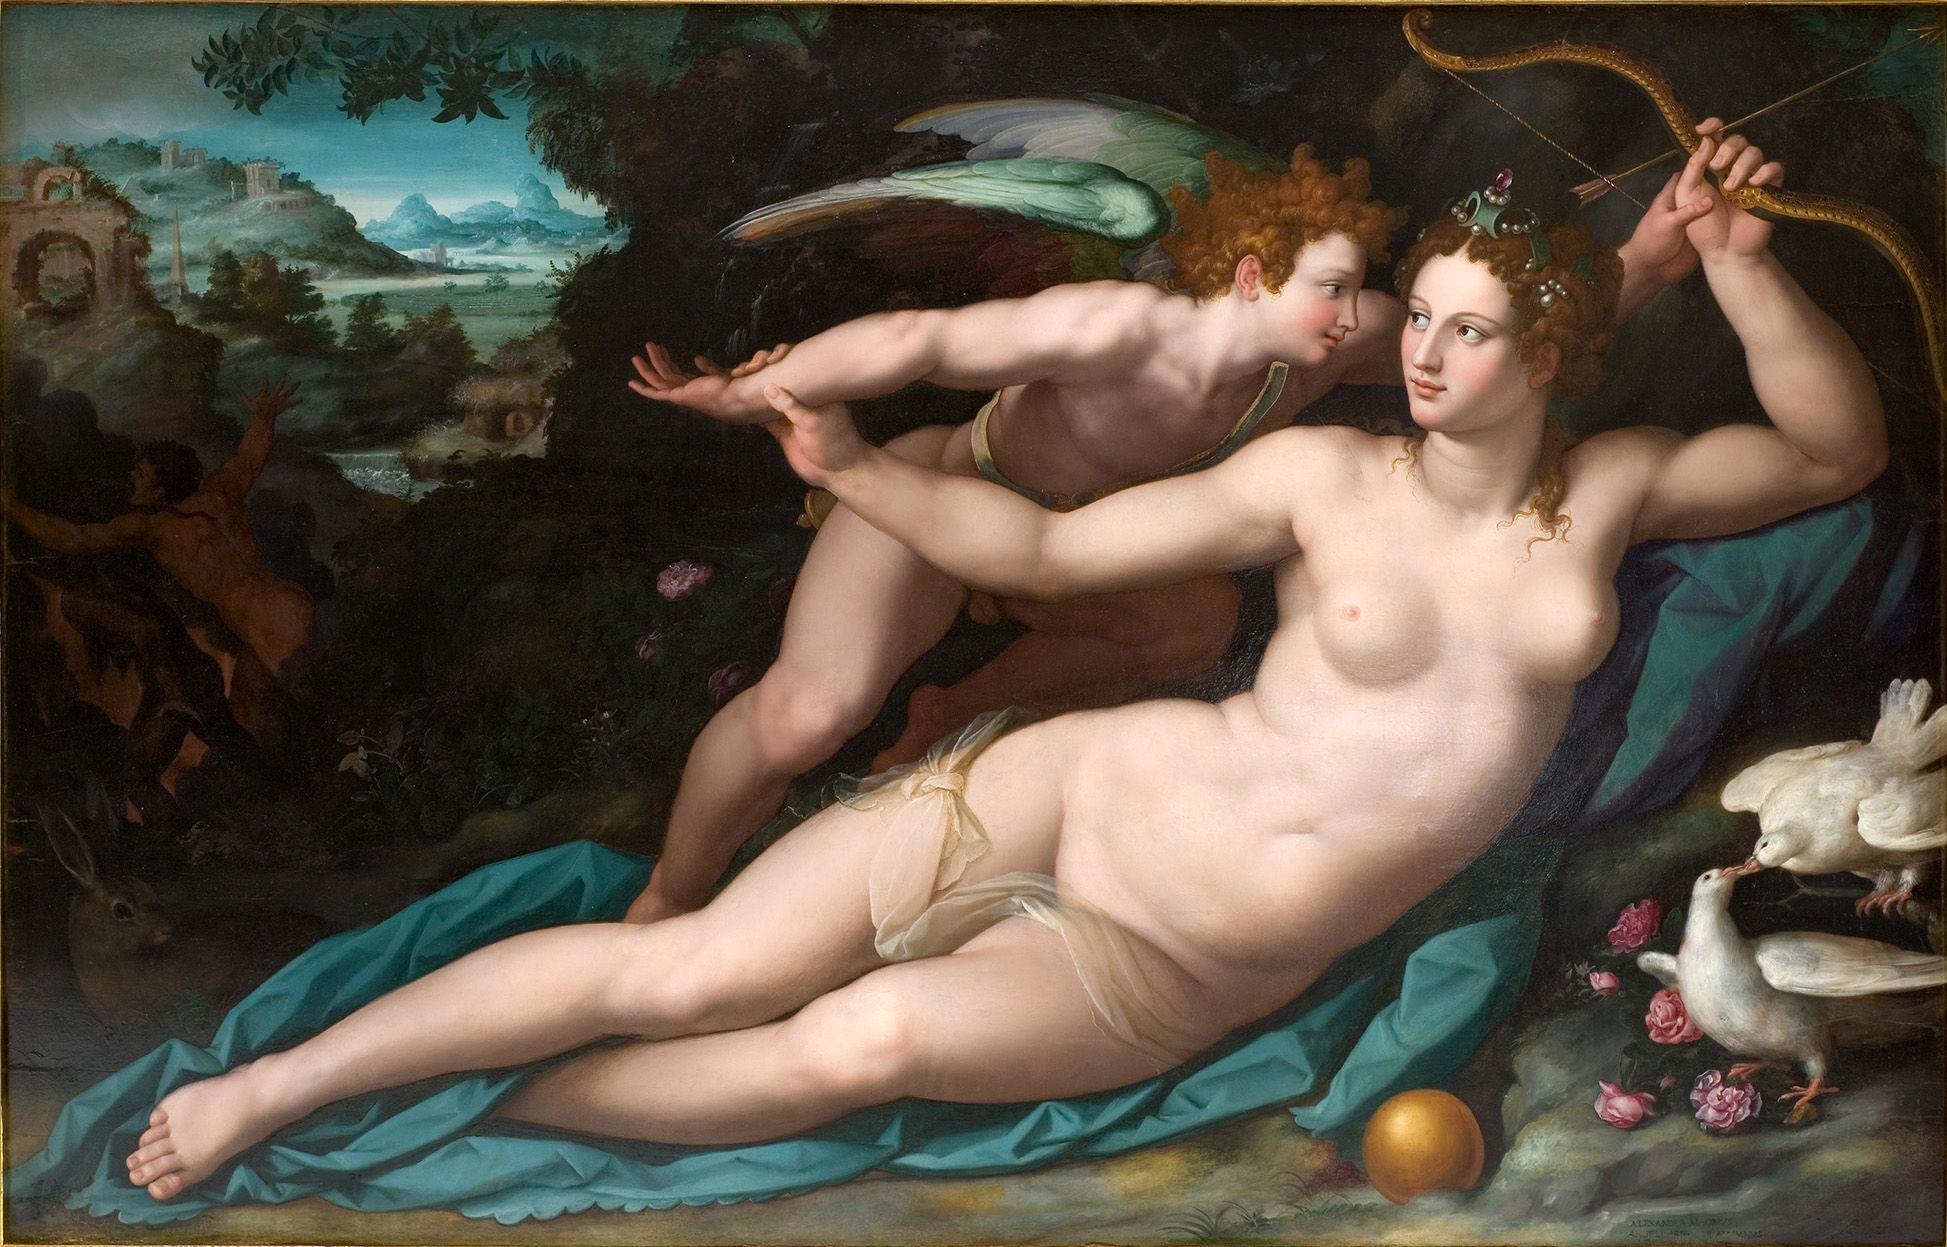 Esta tiene algo de trampa. ¿Cuál era el dios/ la diosa del amor en la mitología griega?